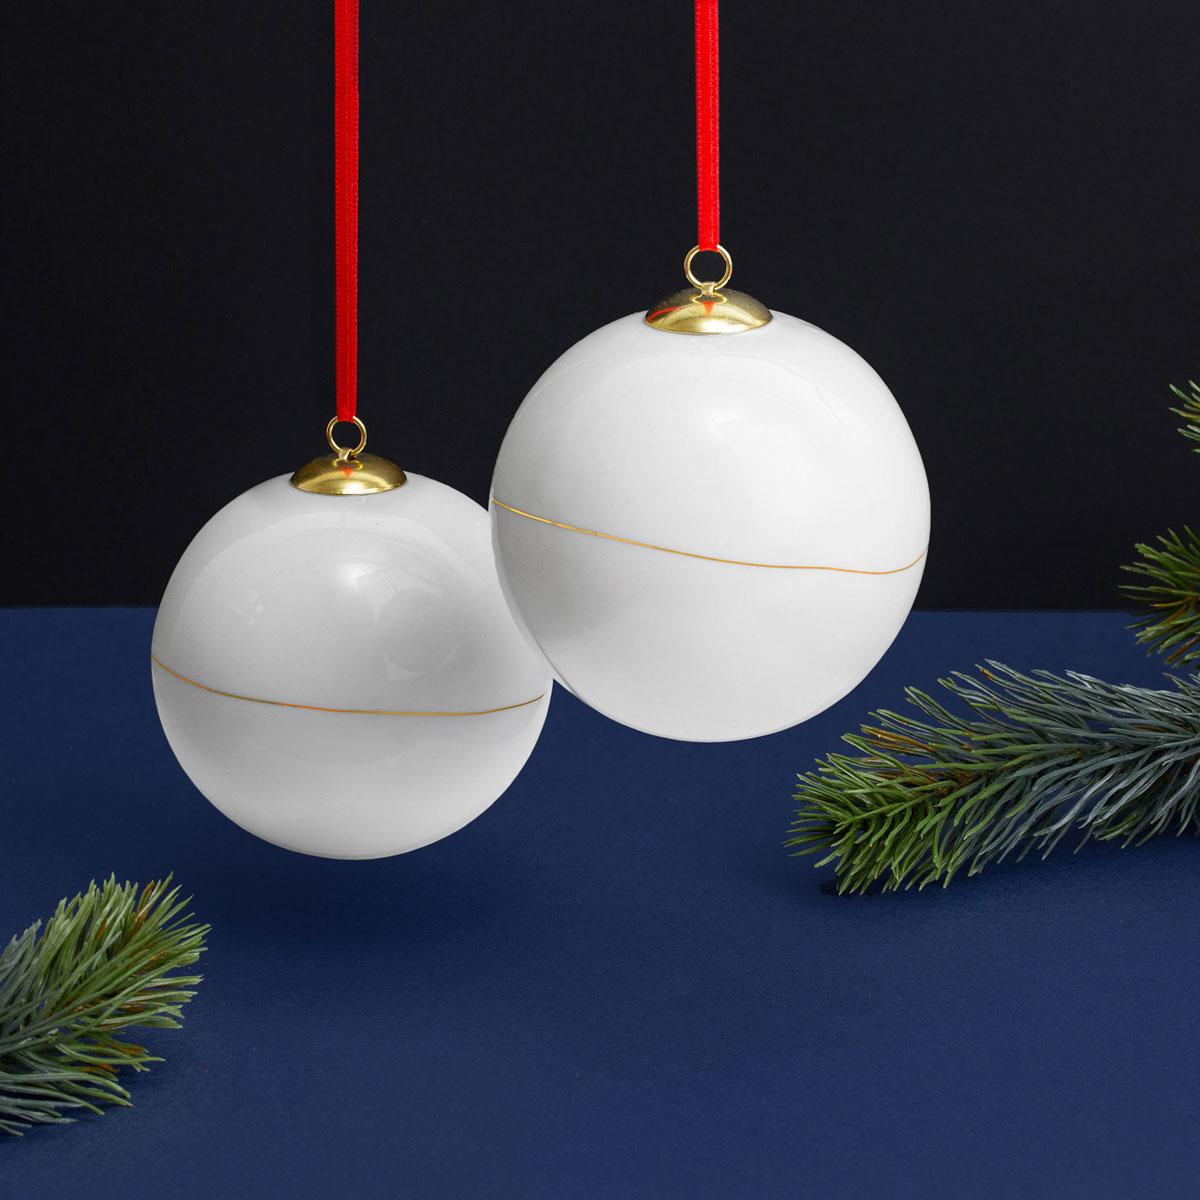 feinesweisses-Weihnachtskugeln-Porzellan-groß-mit-Goldlinie-